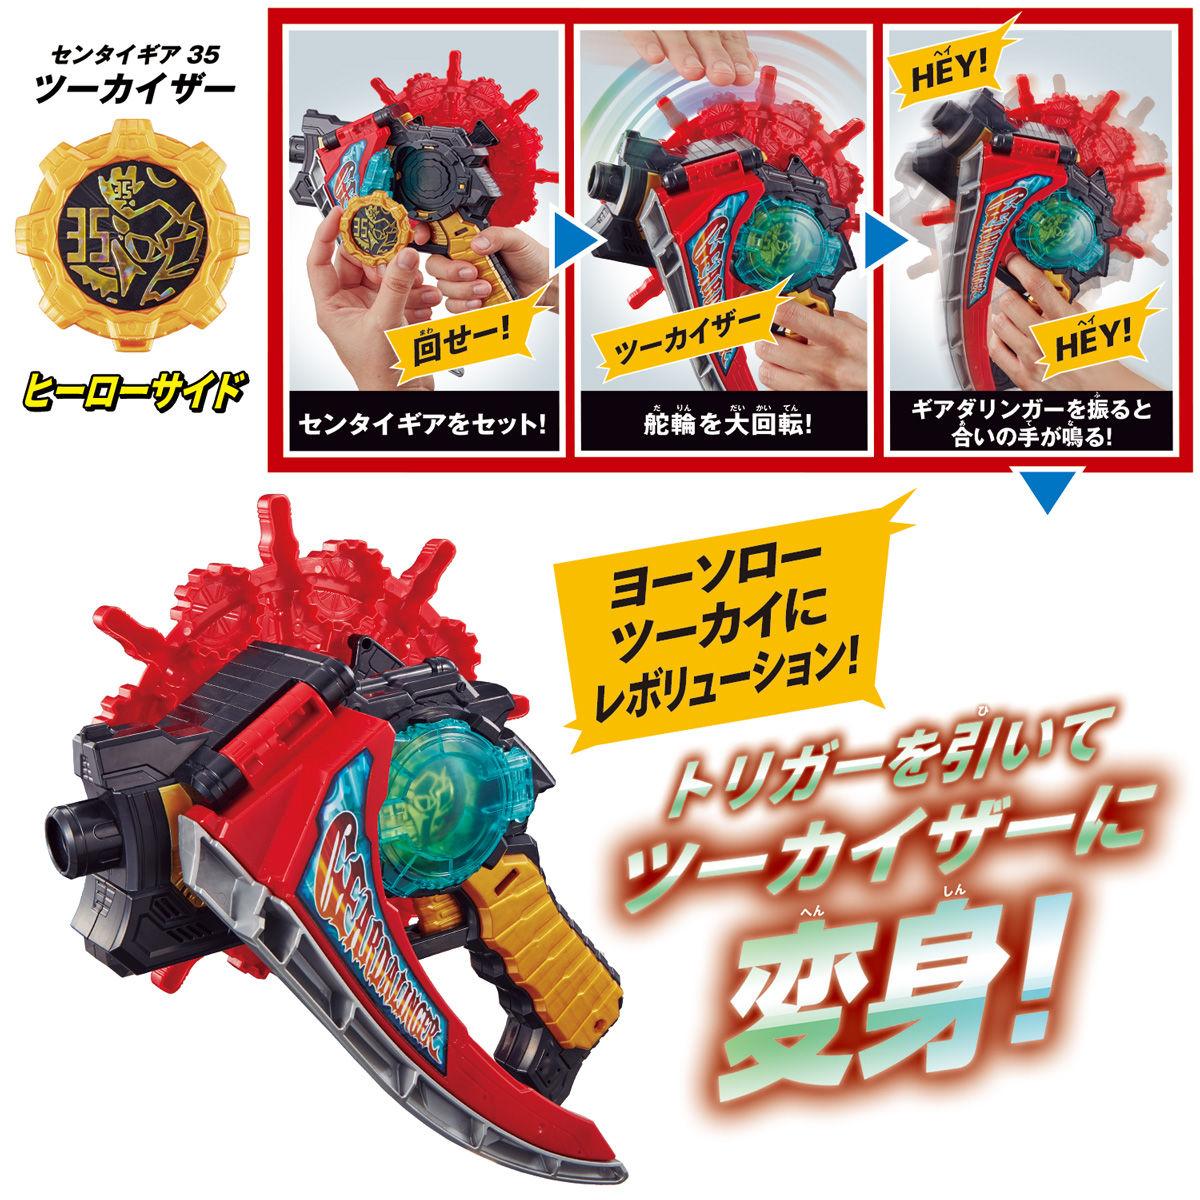 機界戦隊ゼンカイジャー『界賊変身 DXギアダリンガー』変身なりきり-004